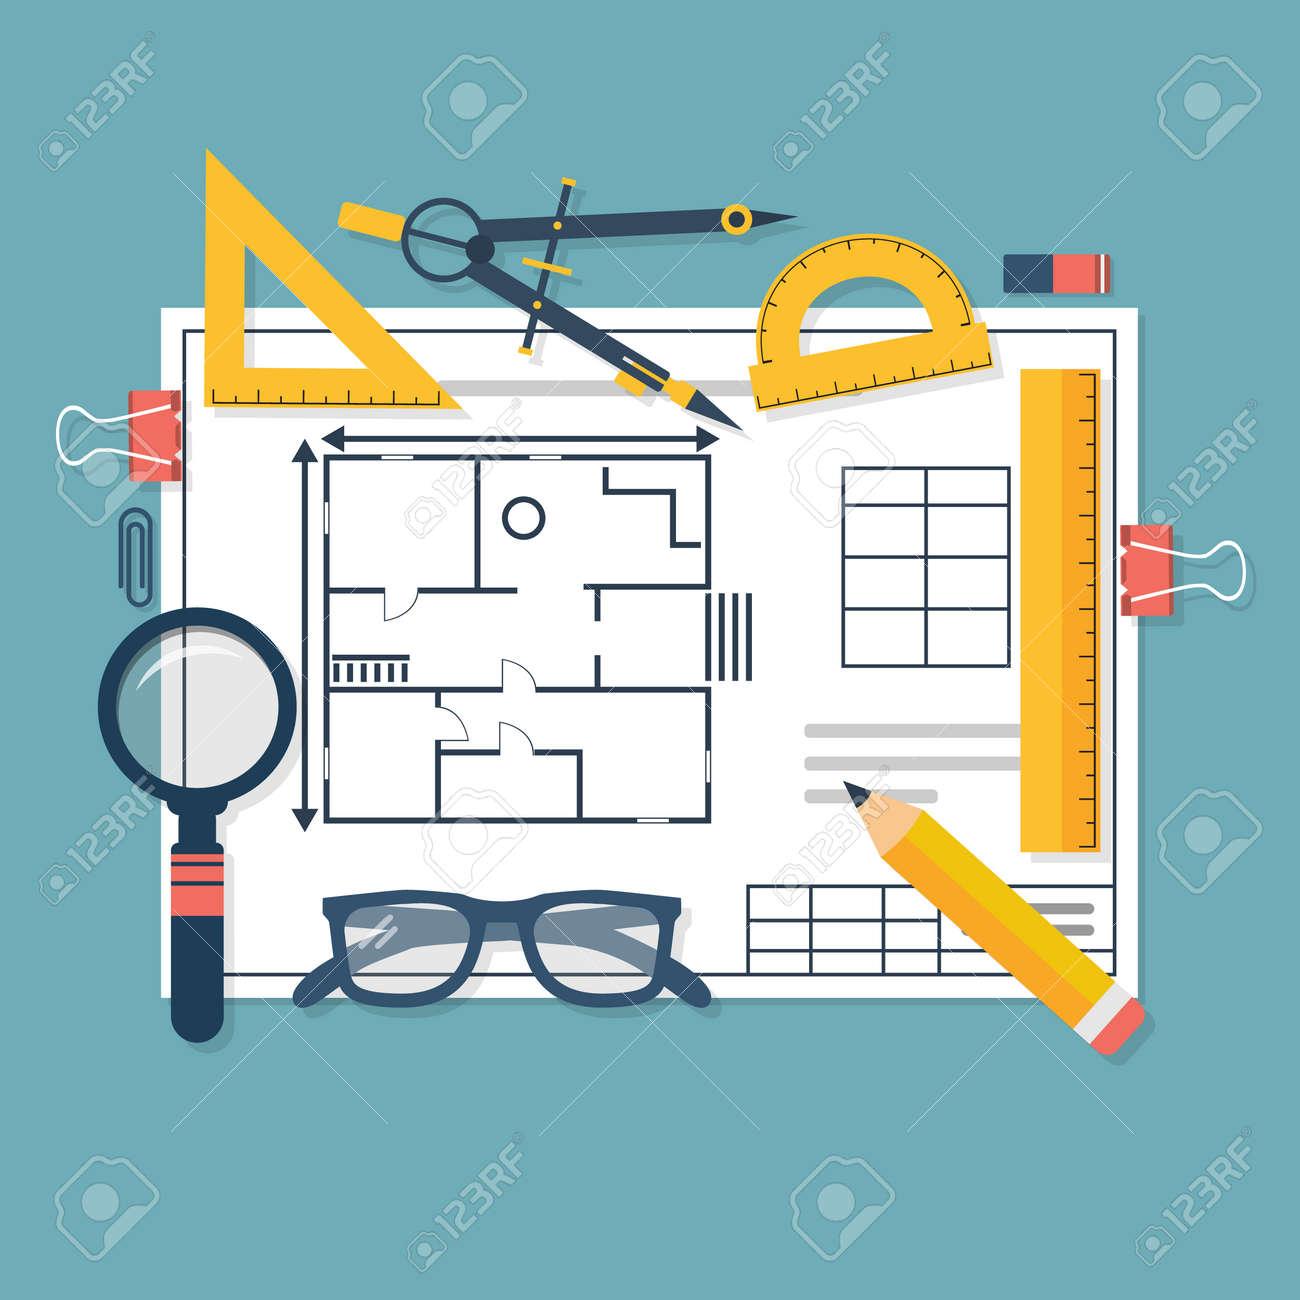 Architektonische Baupläne Und Zeichenwerkzeuge. Arbeitsplatz Des ...